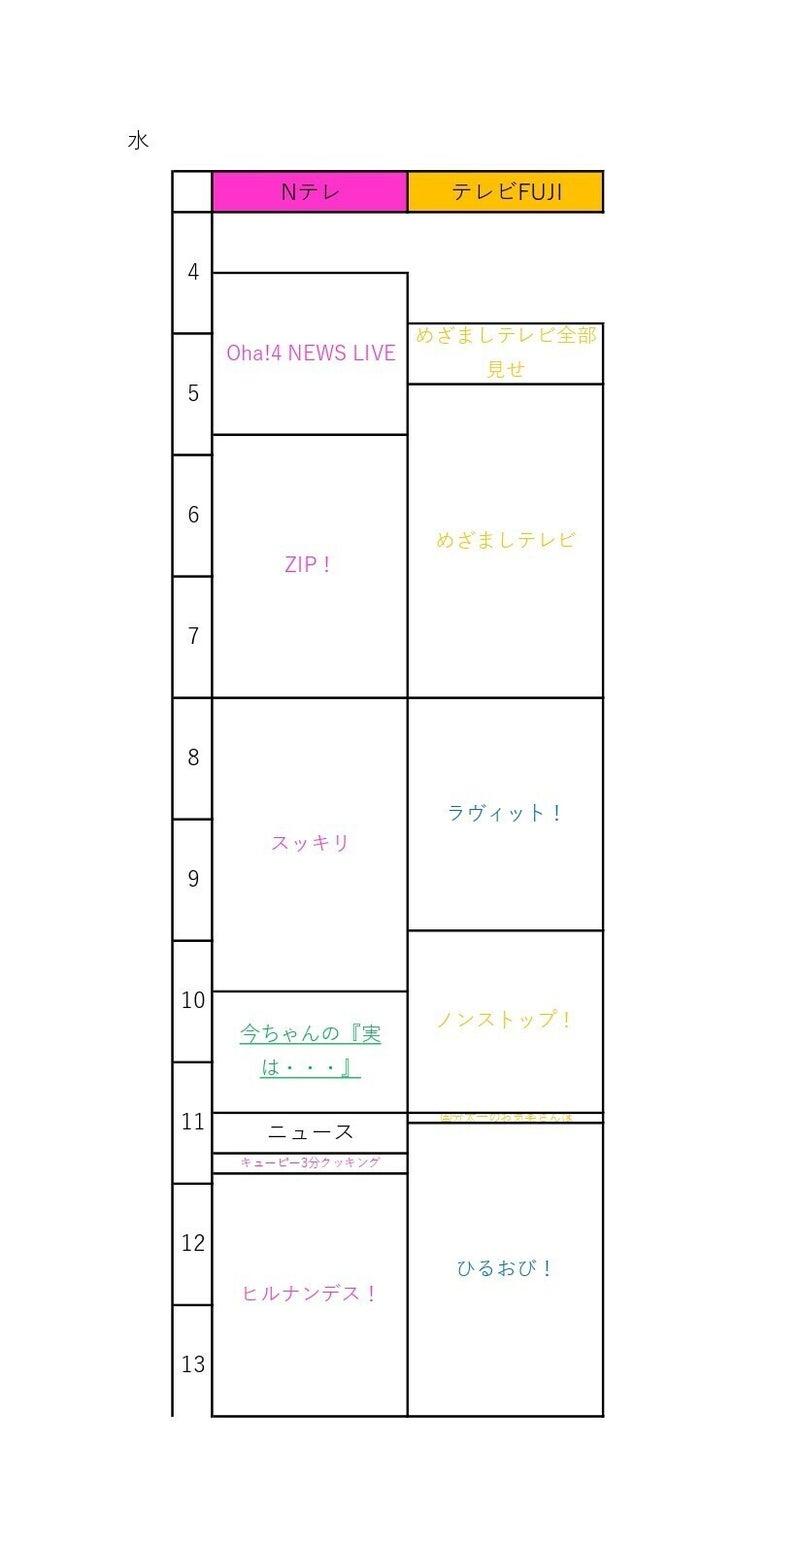 妄想2局番組表(水)_page-0001